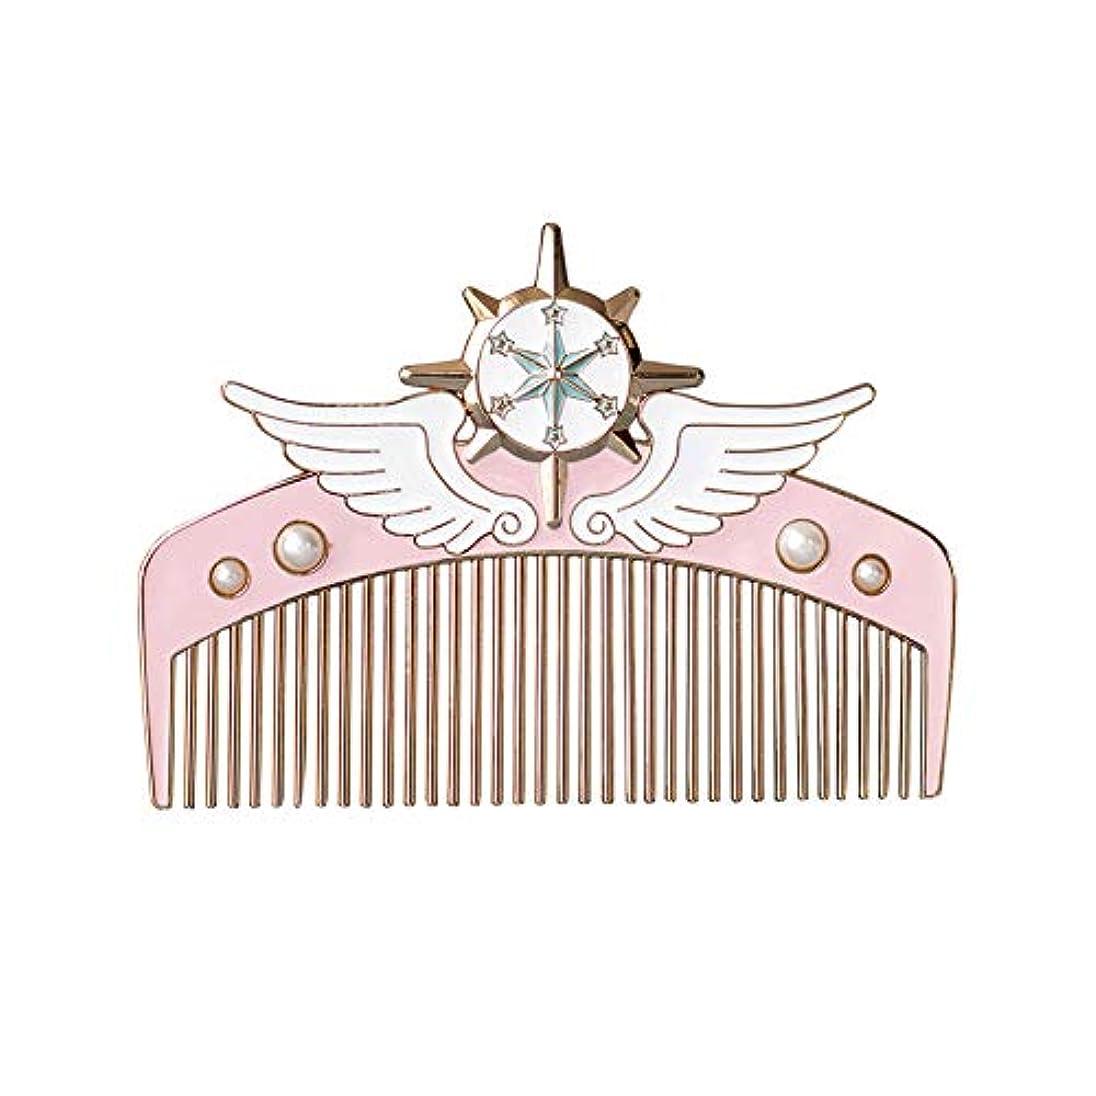 談話硬さ葉を集めるライフ小屋 櫛 ヘアブラシ カードキャプターさくら セーラームーン 可愛い ピンク 細歯 夢の杖櫛 半月形 ヘアブラシ 子供の髪 贈り物 プレゼント